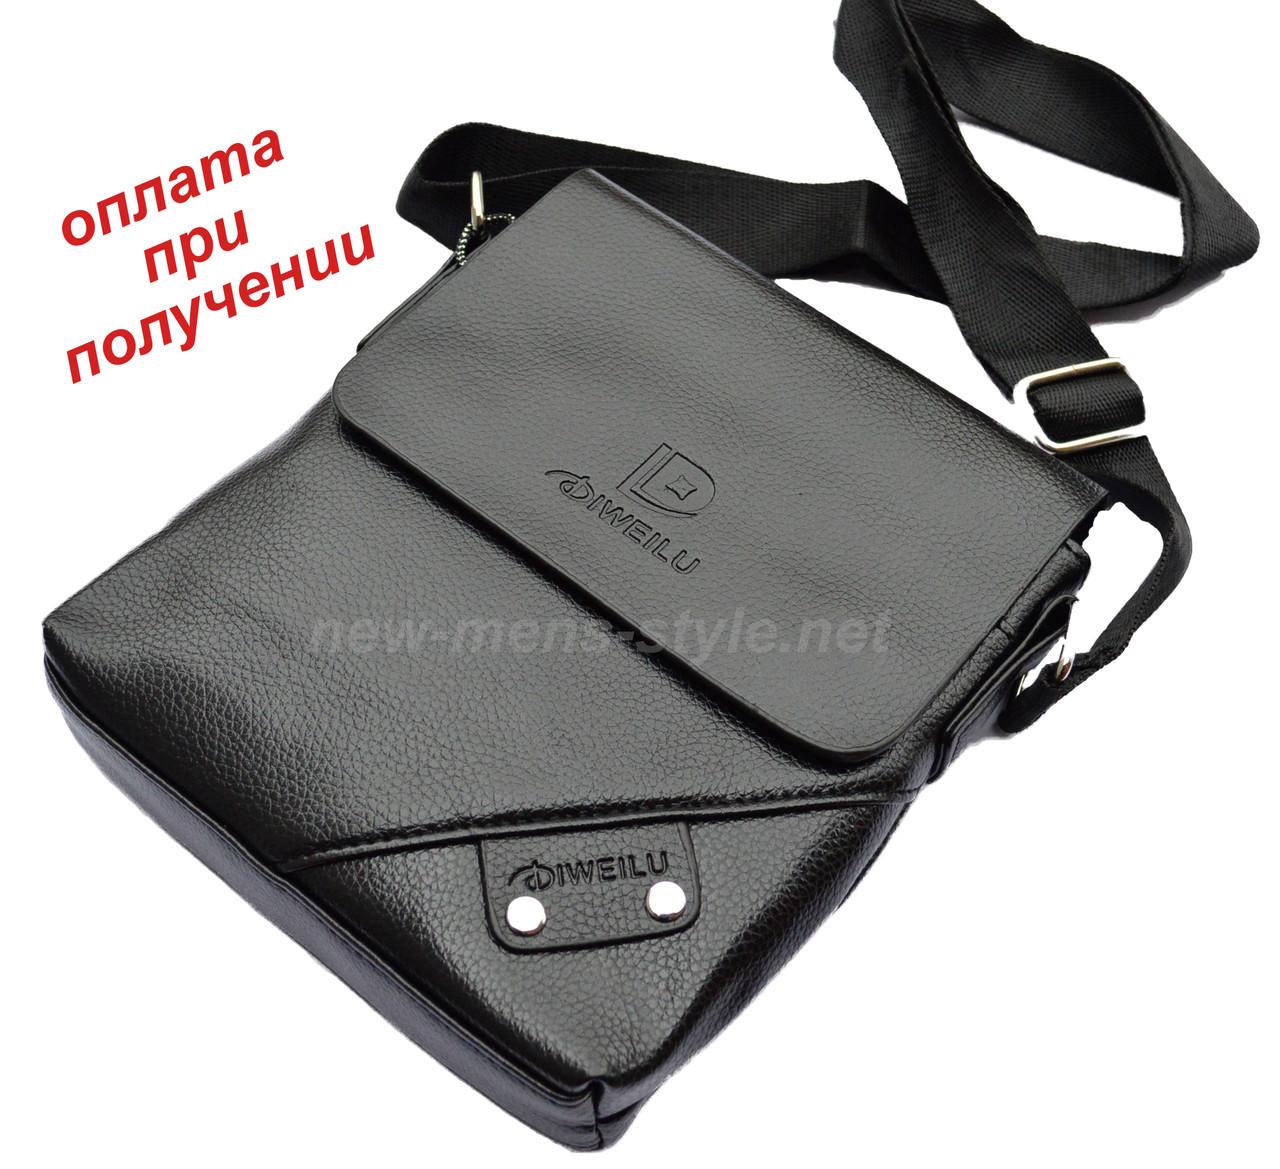 Мужская чоловіча кожаная сумка барсетка борсетка DIWEILU на подарок